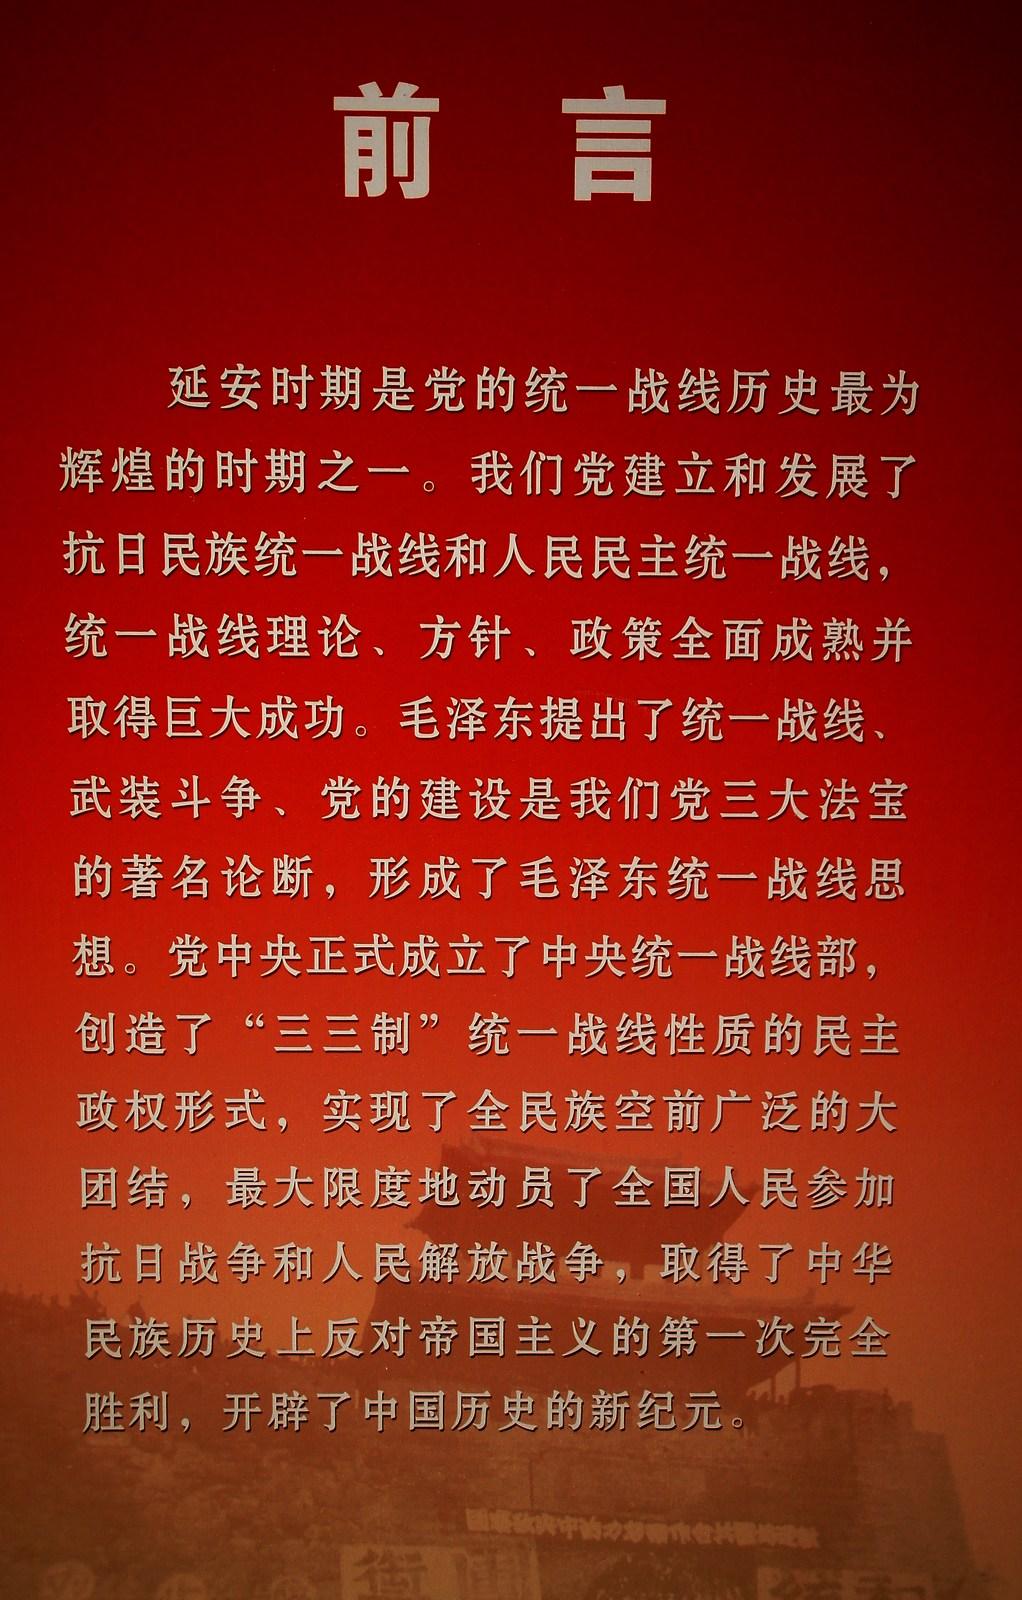 延安杨家岭革命胜地---67-1600.jpg